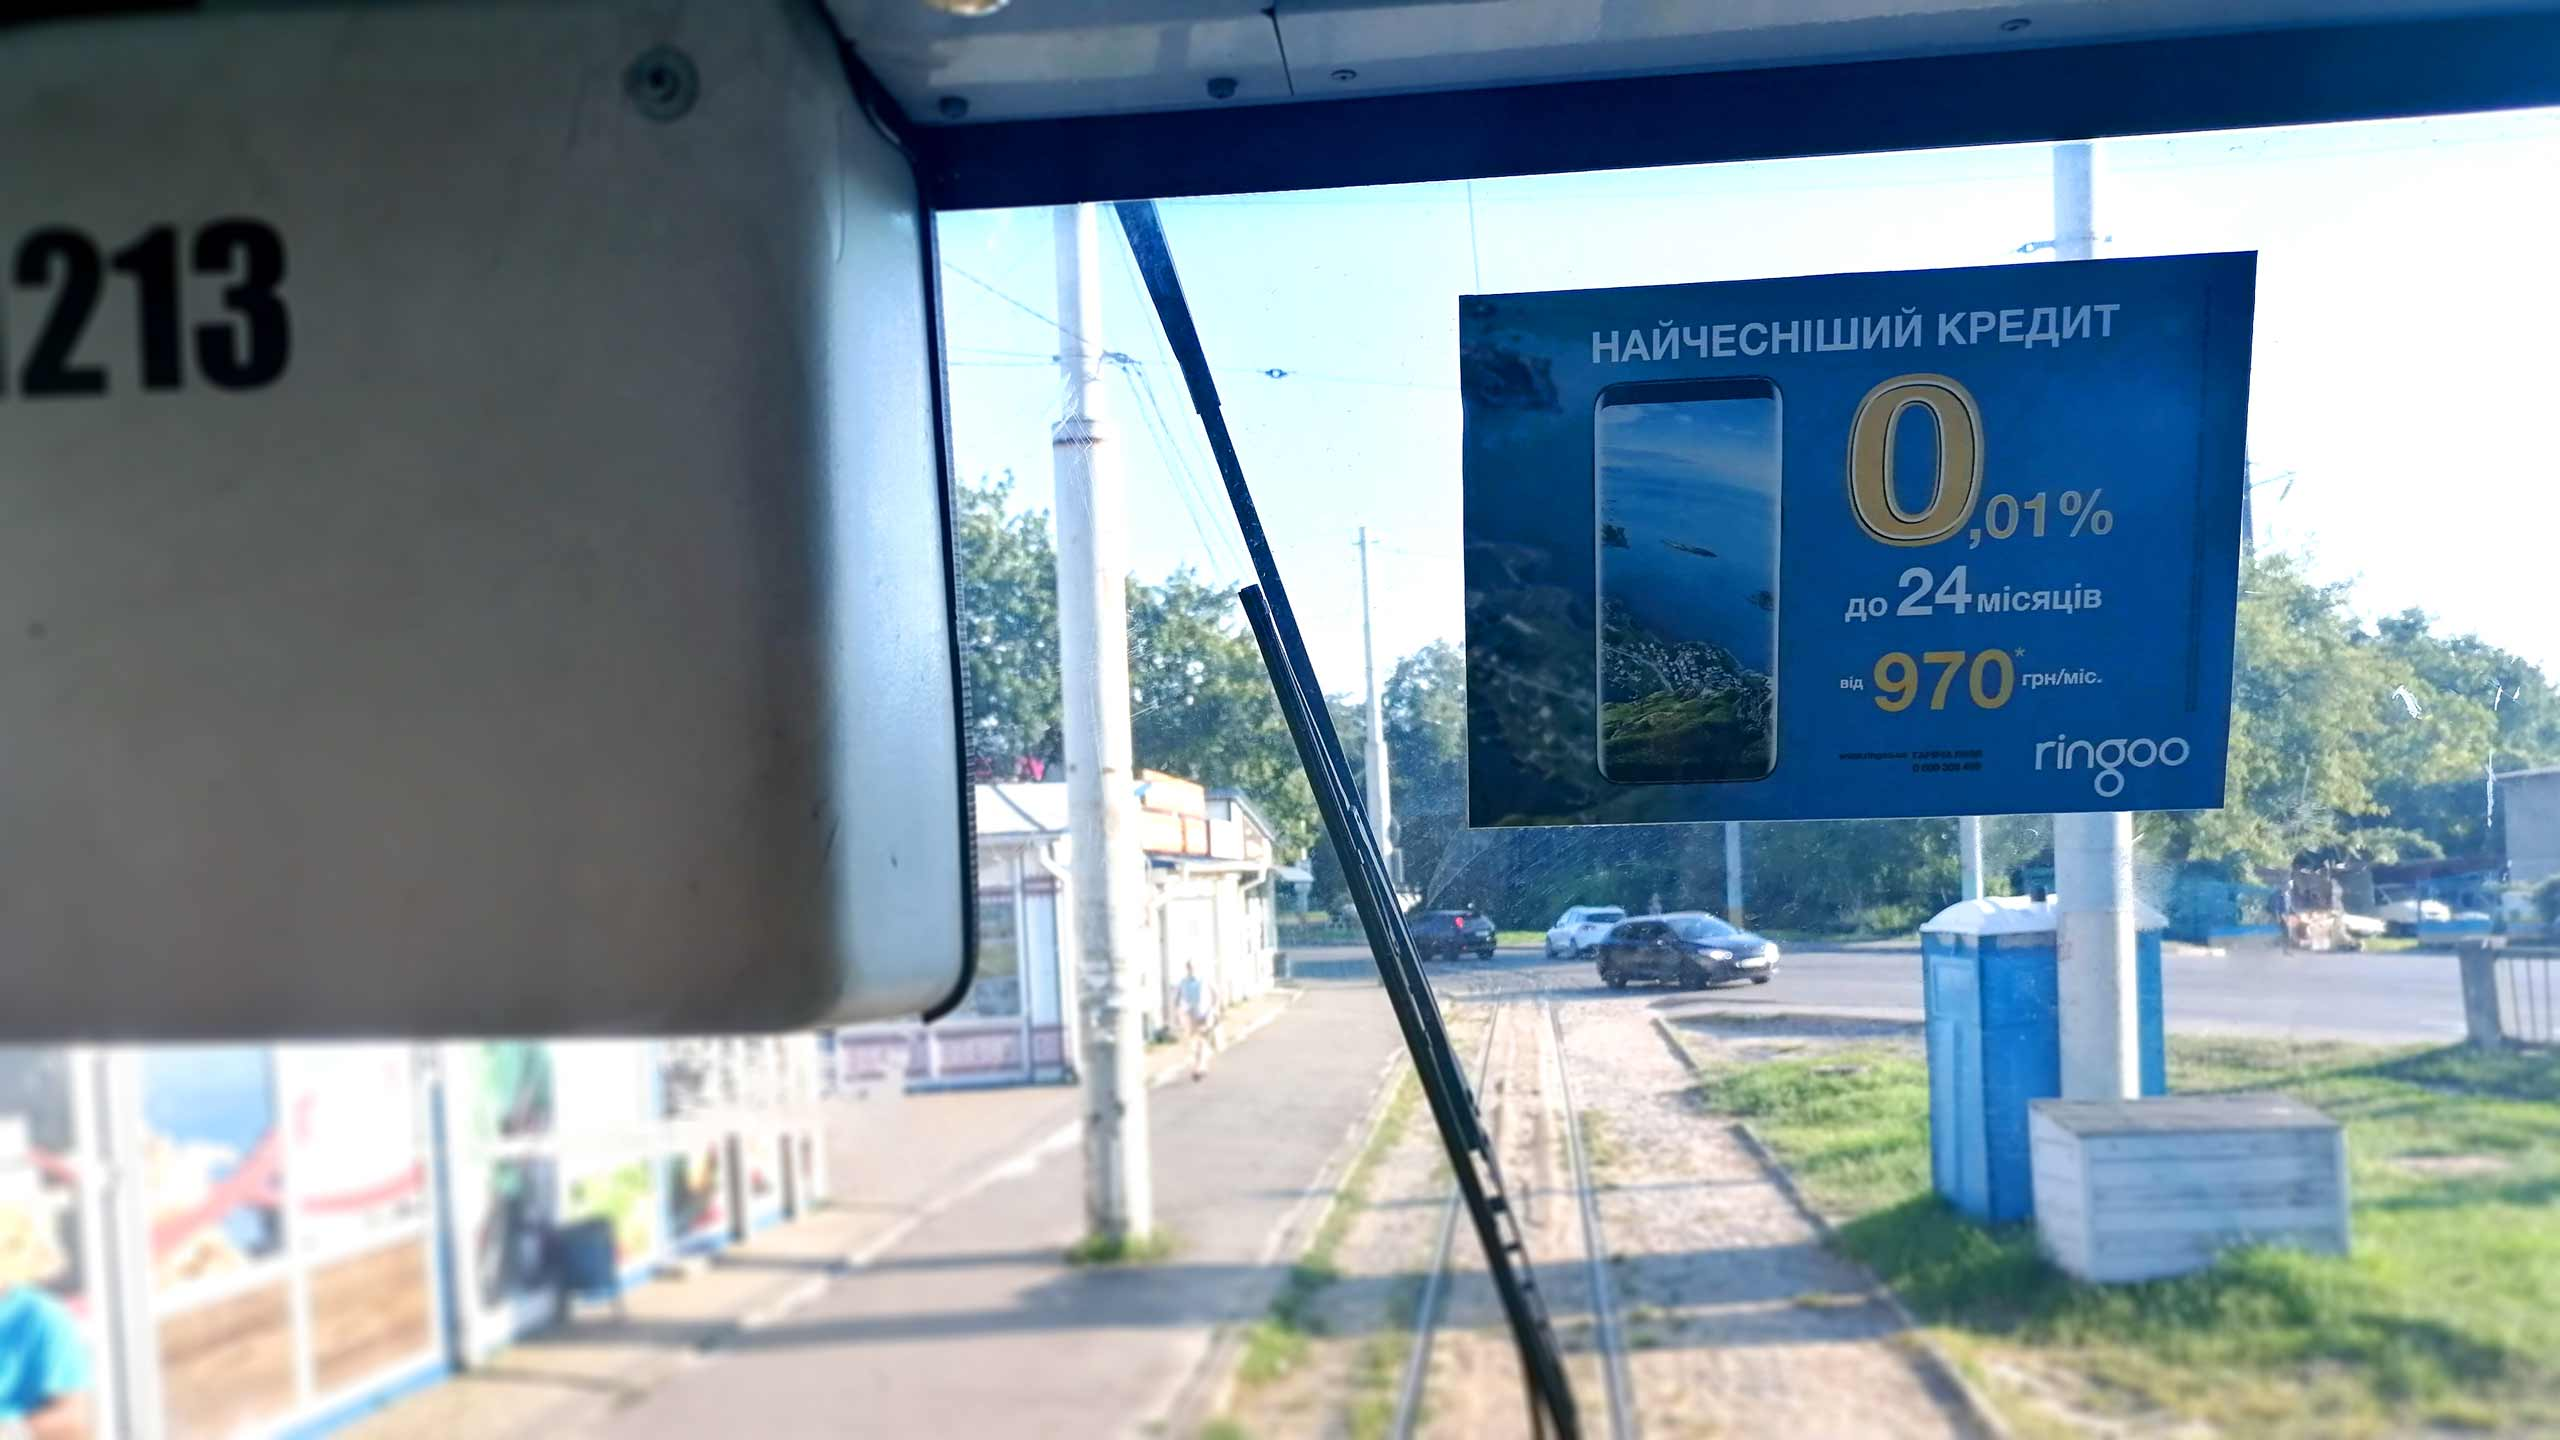 Реклама в трамваях Днепр (Днепропетровск)